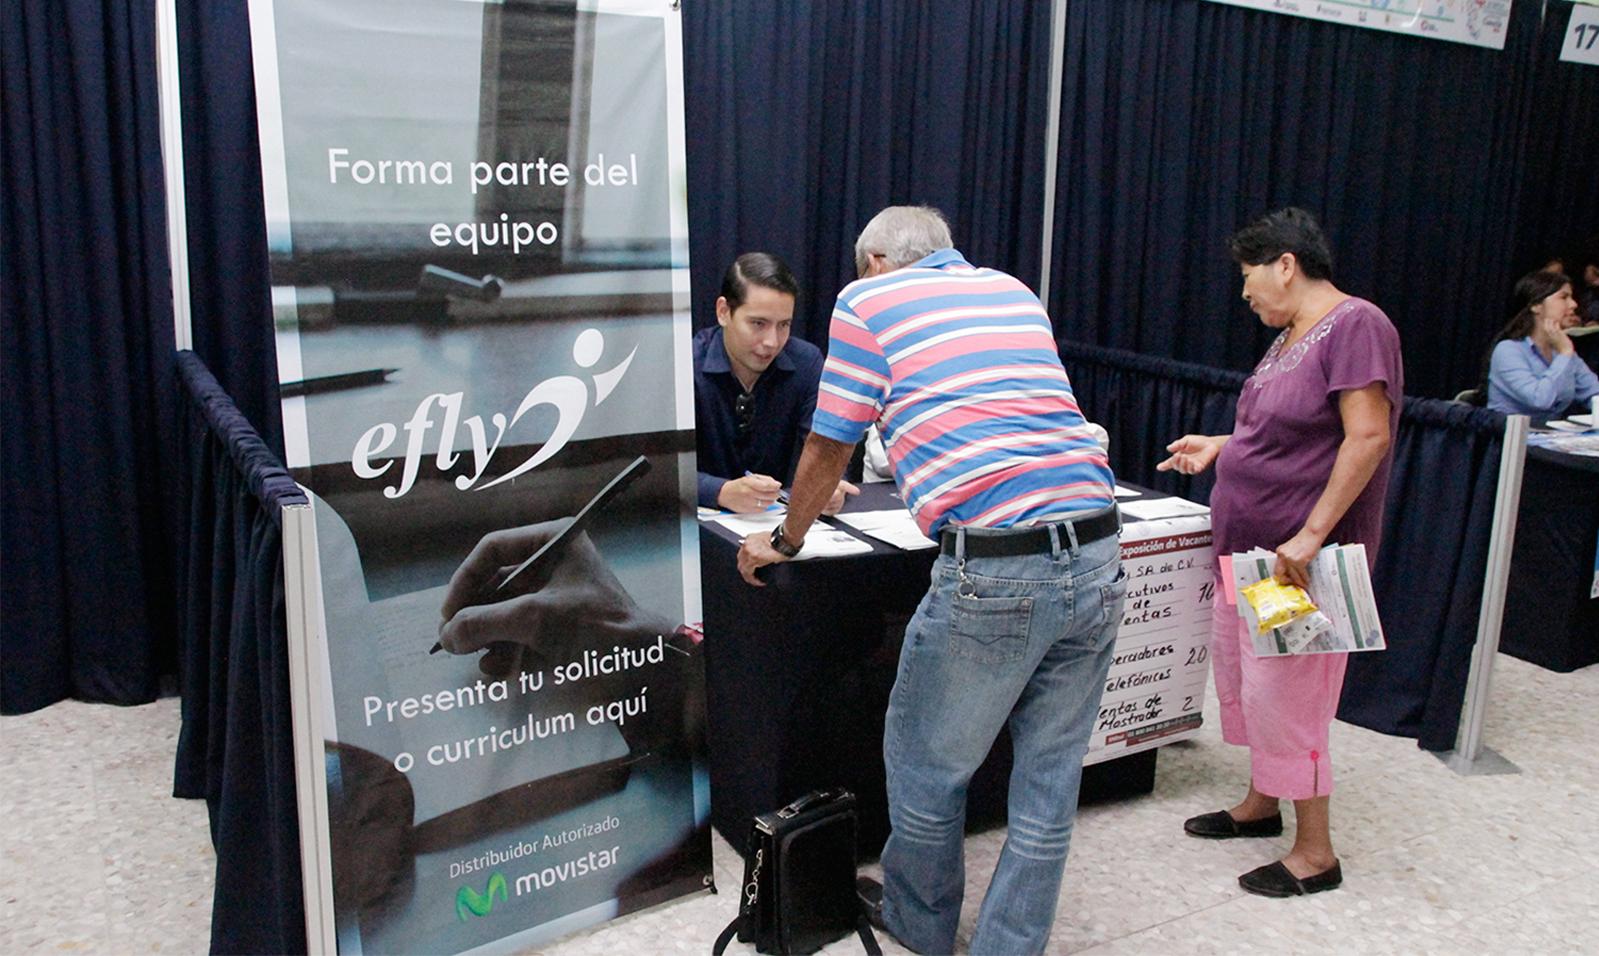 Las Ferias de Empleo son eventos  organizados por las oficinas del Servicio Nacional de Empleo, realizadas en diferentes instalaciones a las del SNE, para vincular  directa y masivamente, la demanda de trabajadores detectada en el sector empresarial.